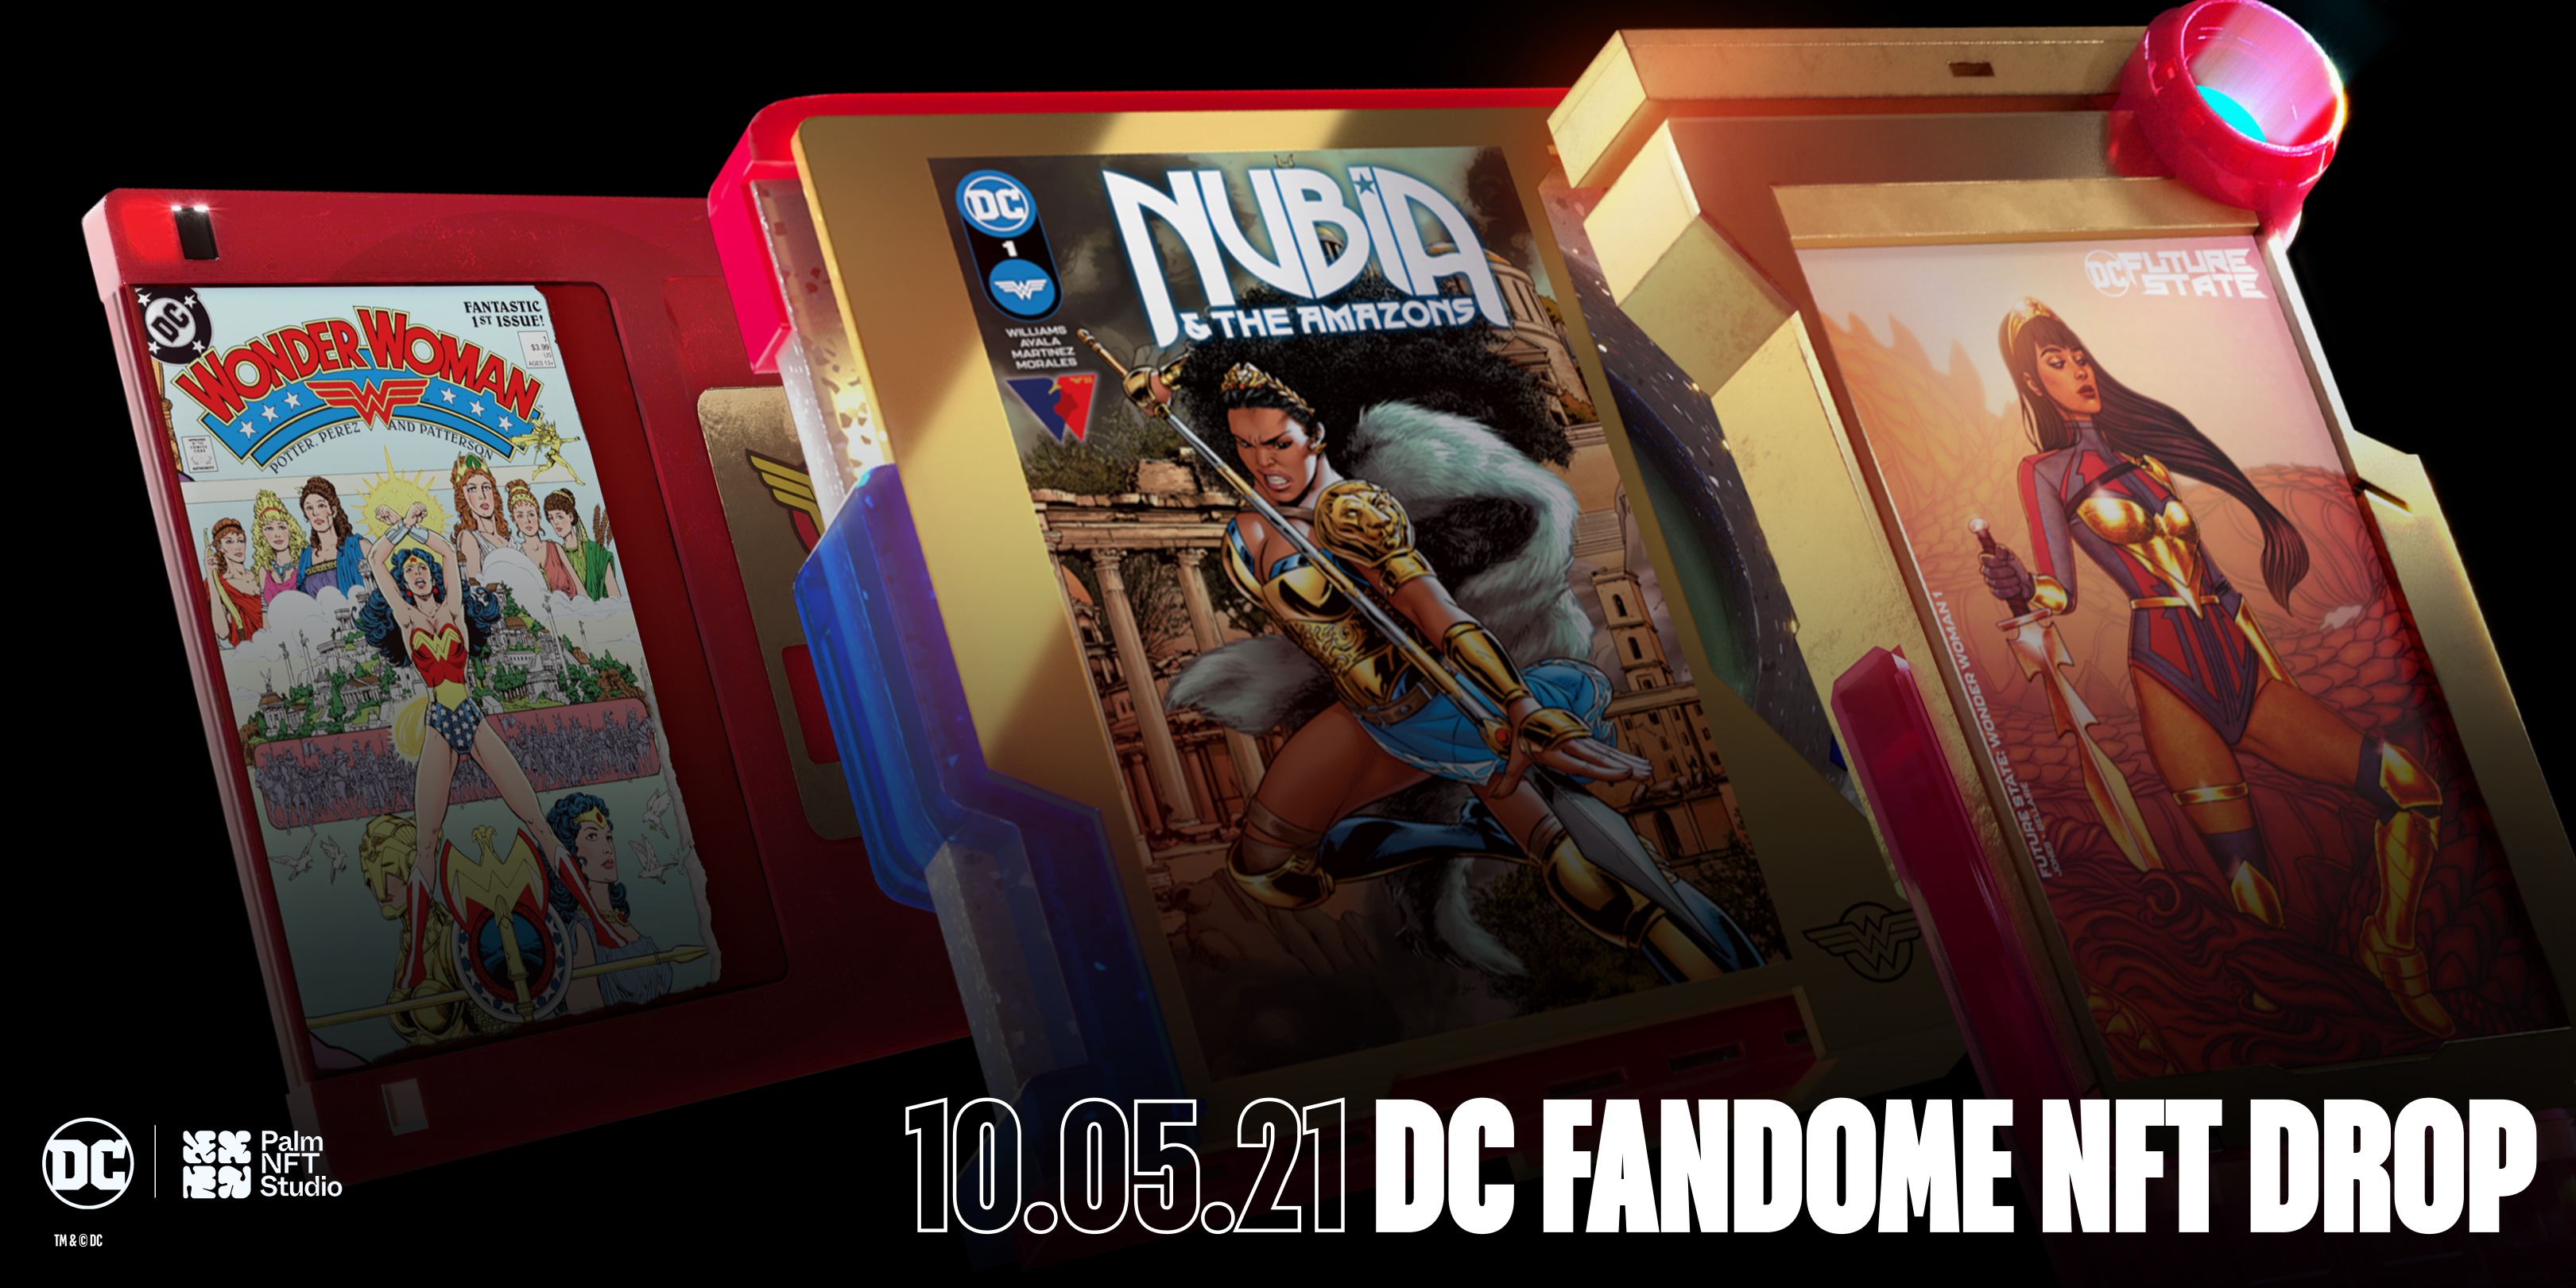 DC-FANDOME-NFT-DROP-Wonder-Woman-COMMON-RARE-LEGENDARY[2][1][1][1]